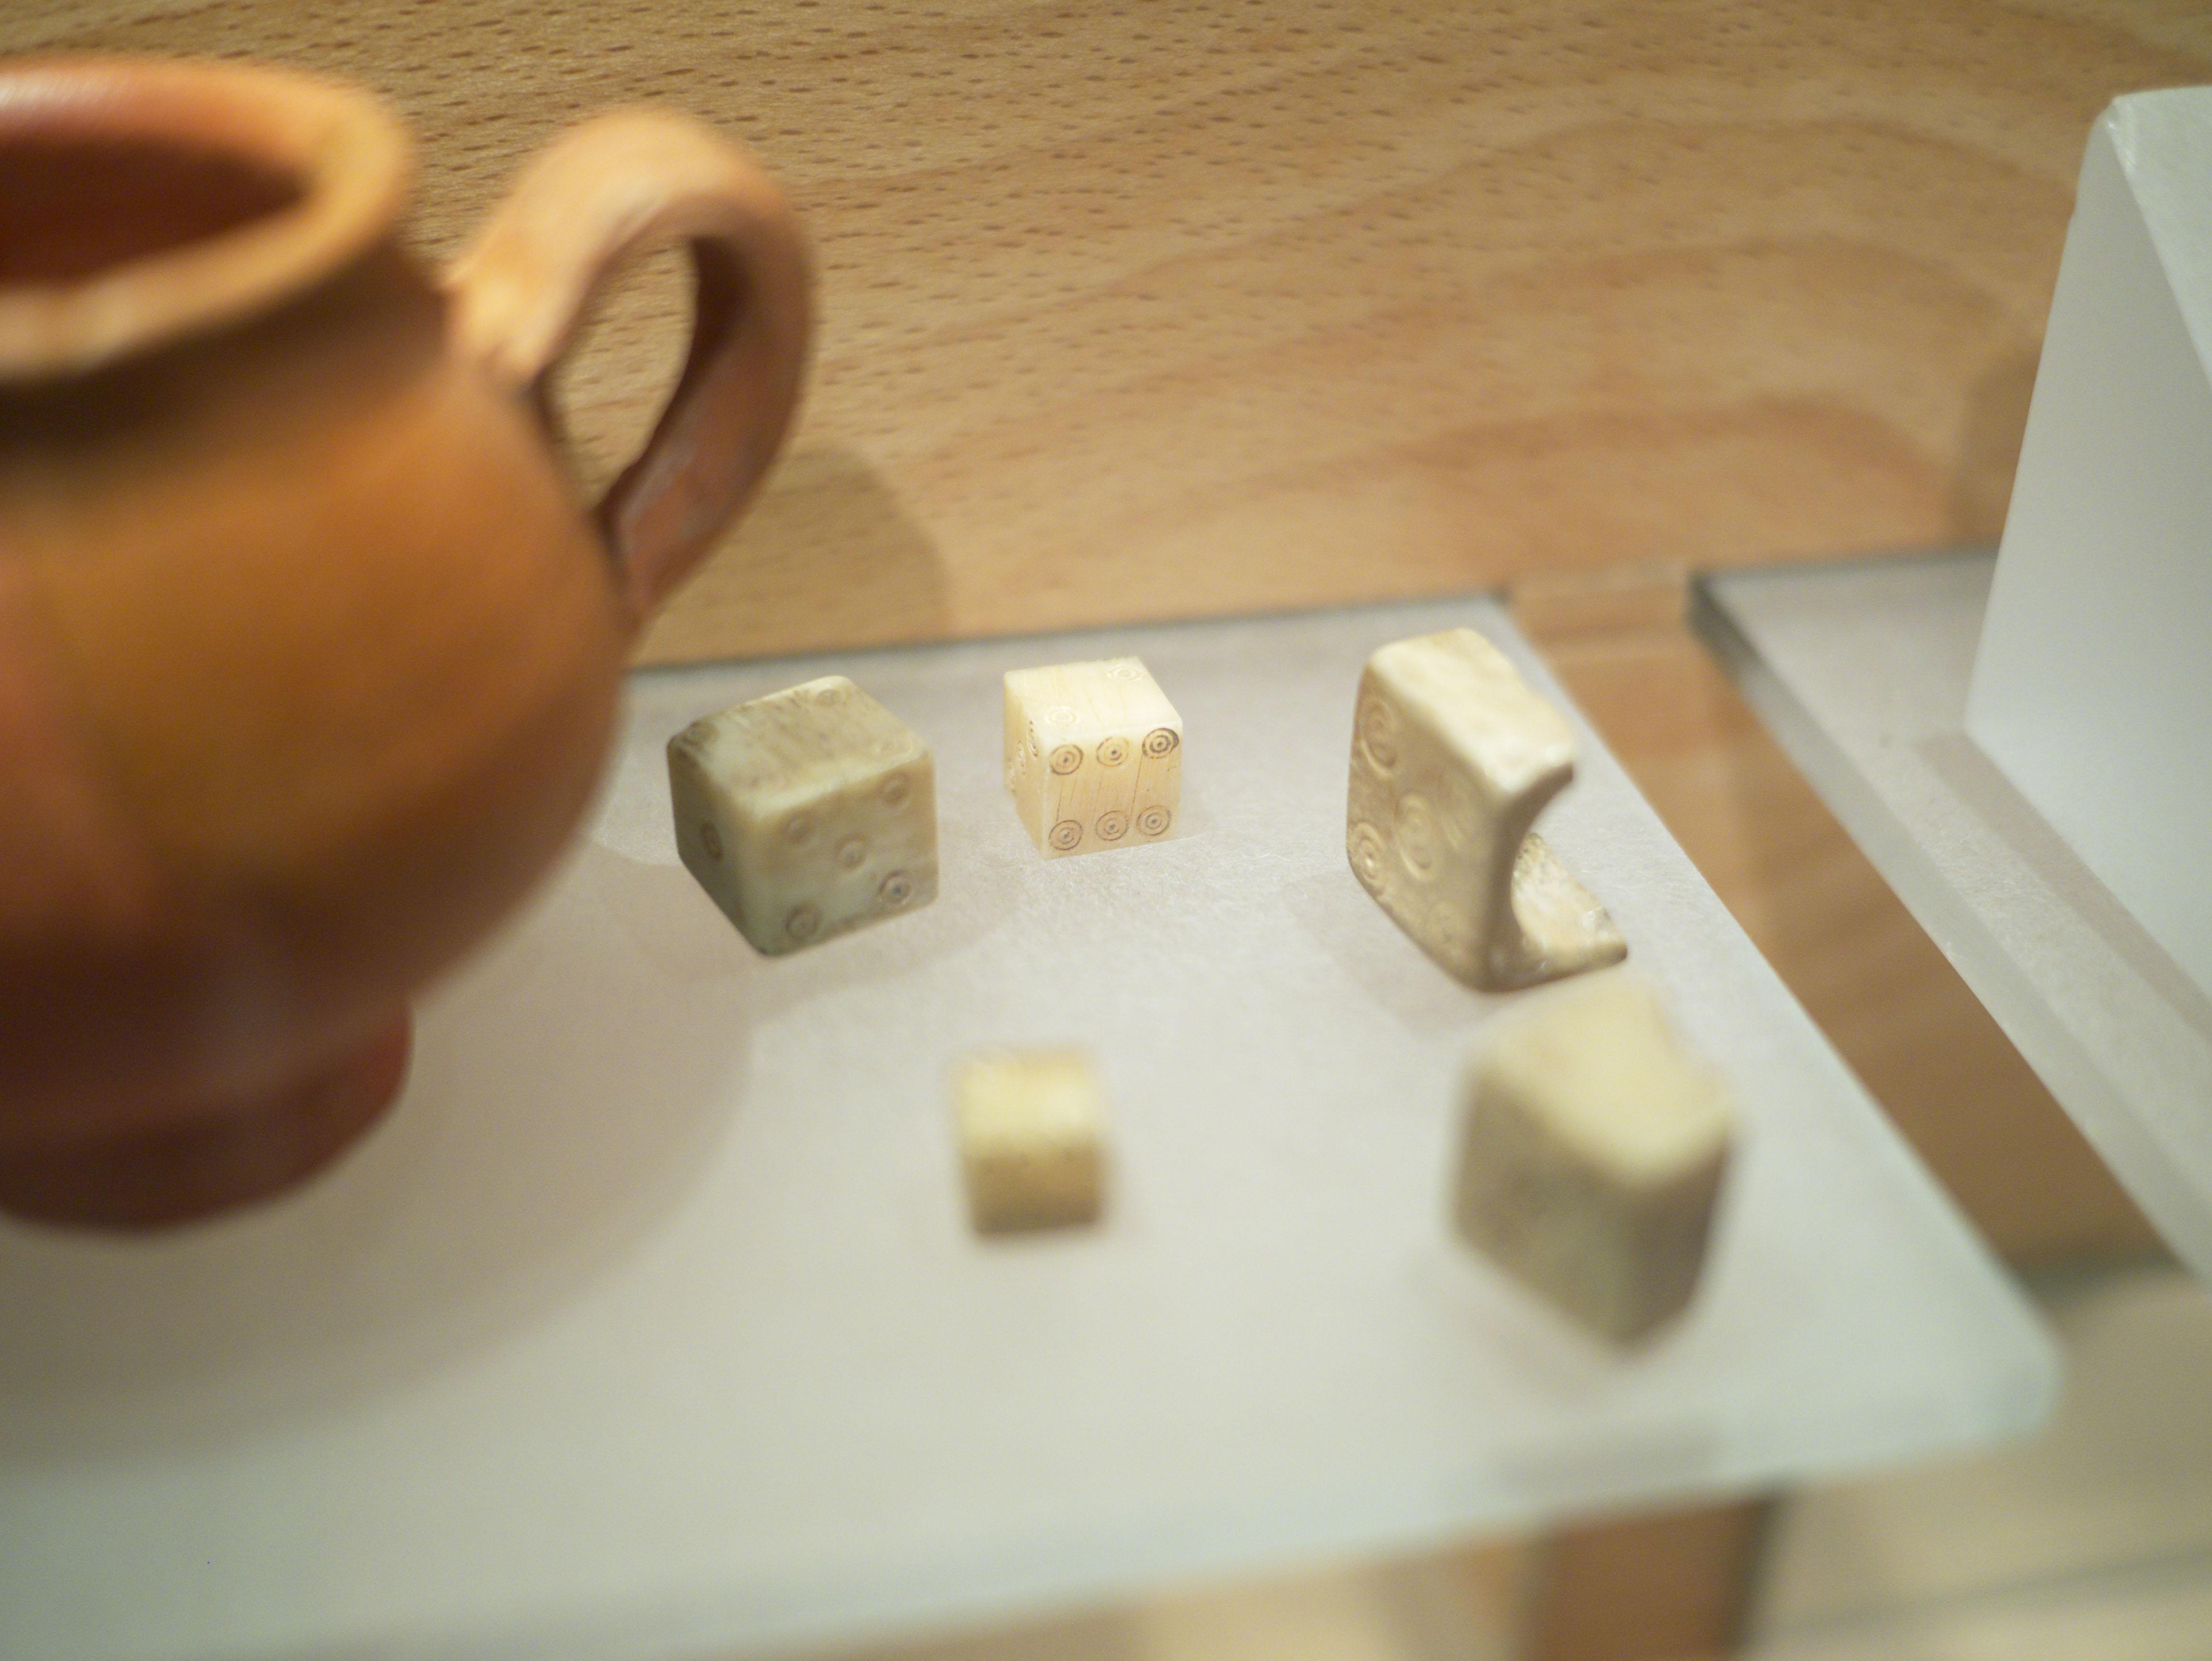 ゆんフリー写真素材集 No 211 古代サイコロ スペイン バルセロナ